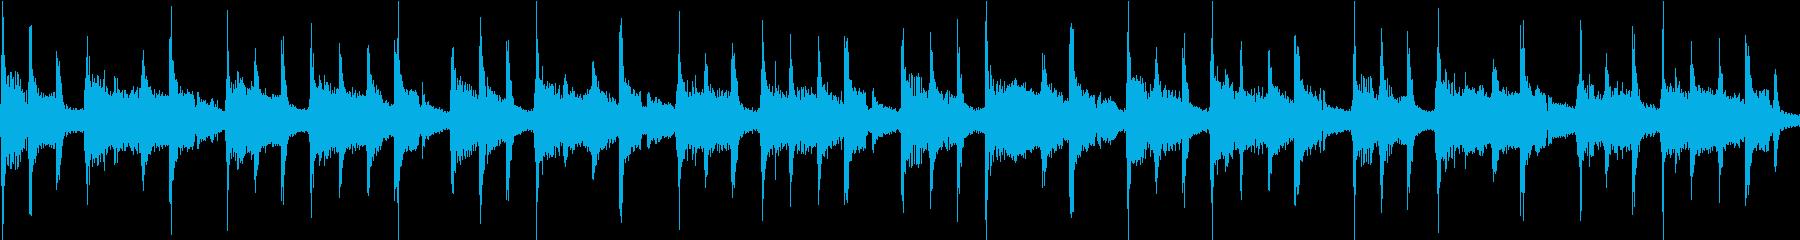 【ループB】やさしく透明感ギター&ピアノの再生済みの波形